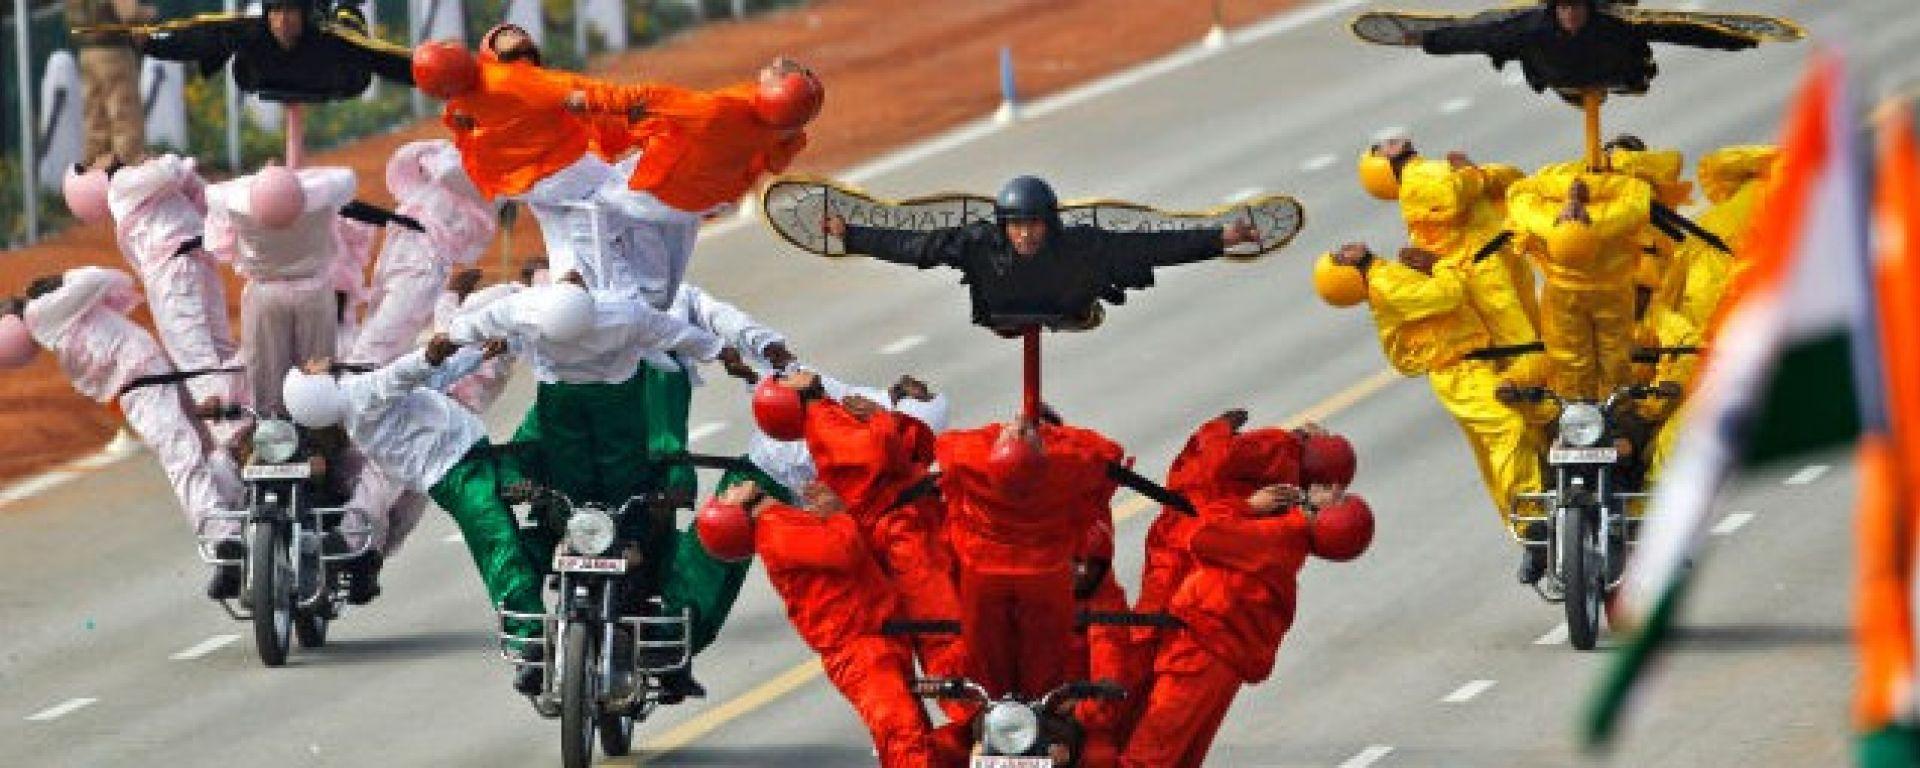 Daredevil parade